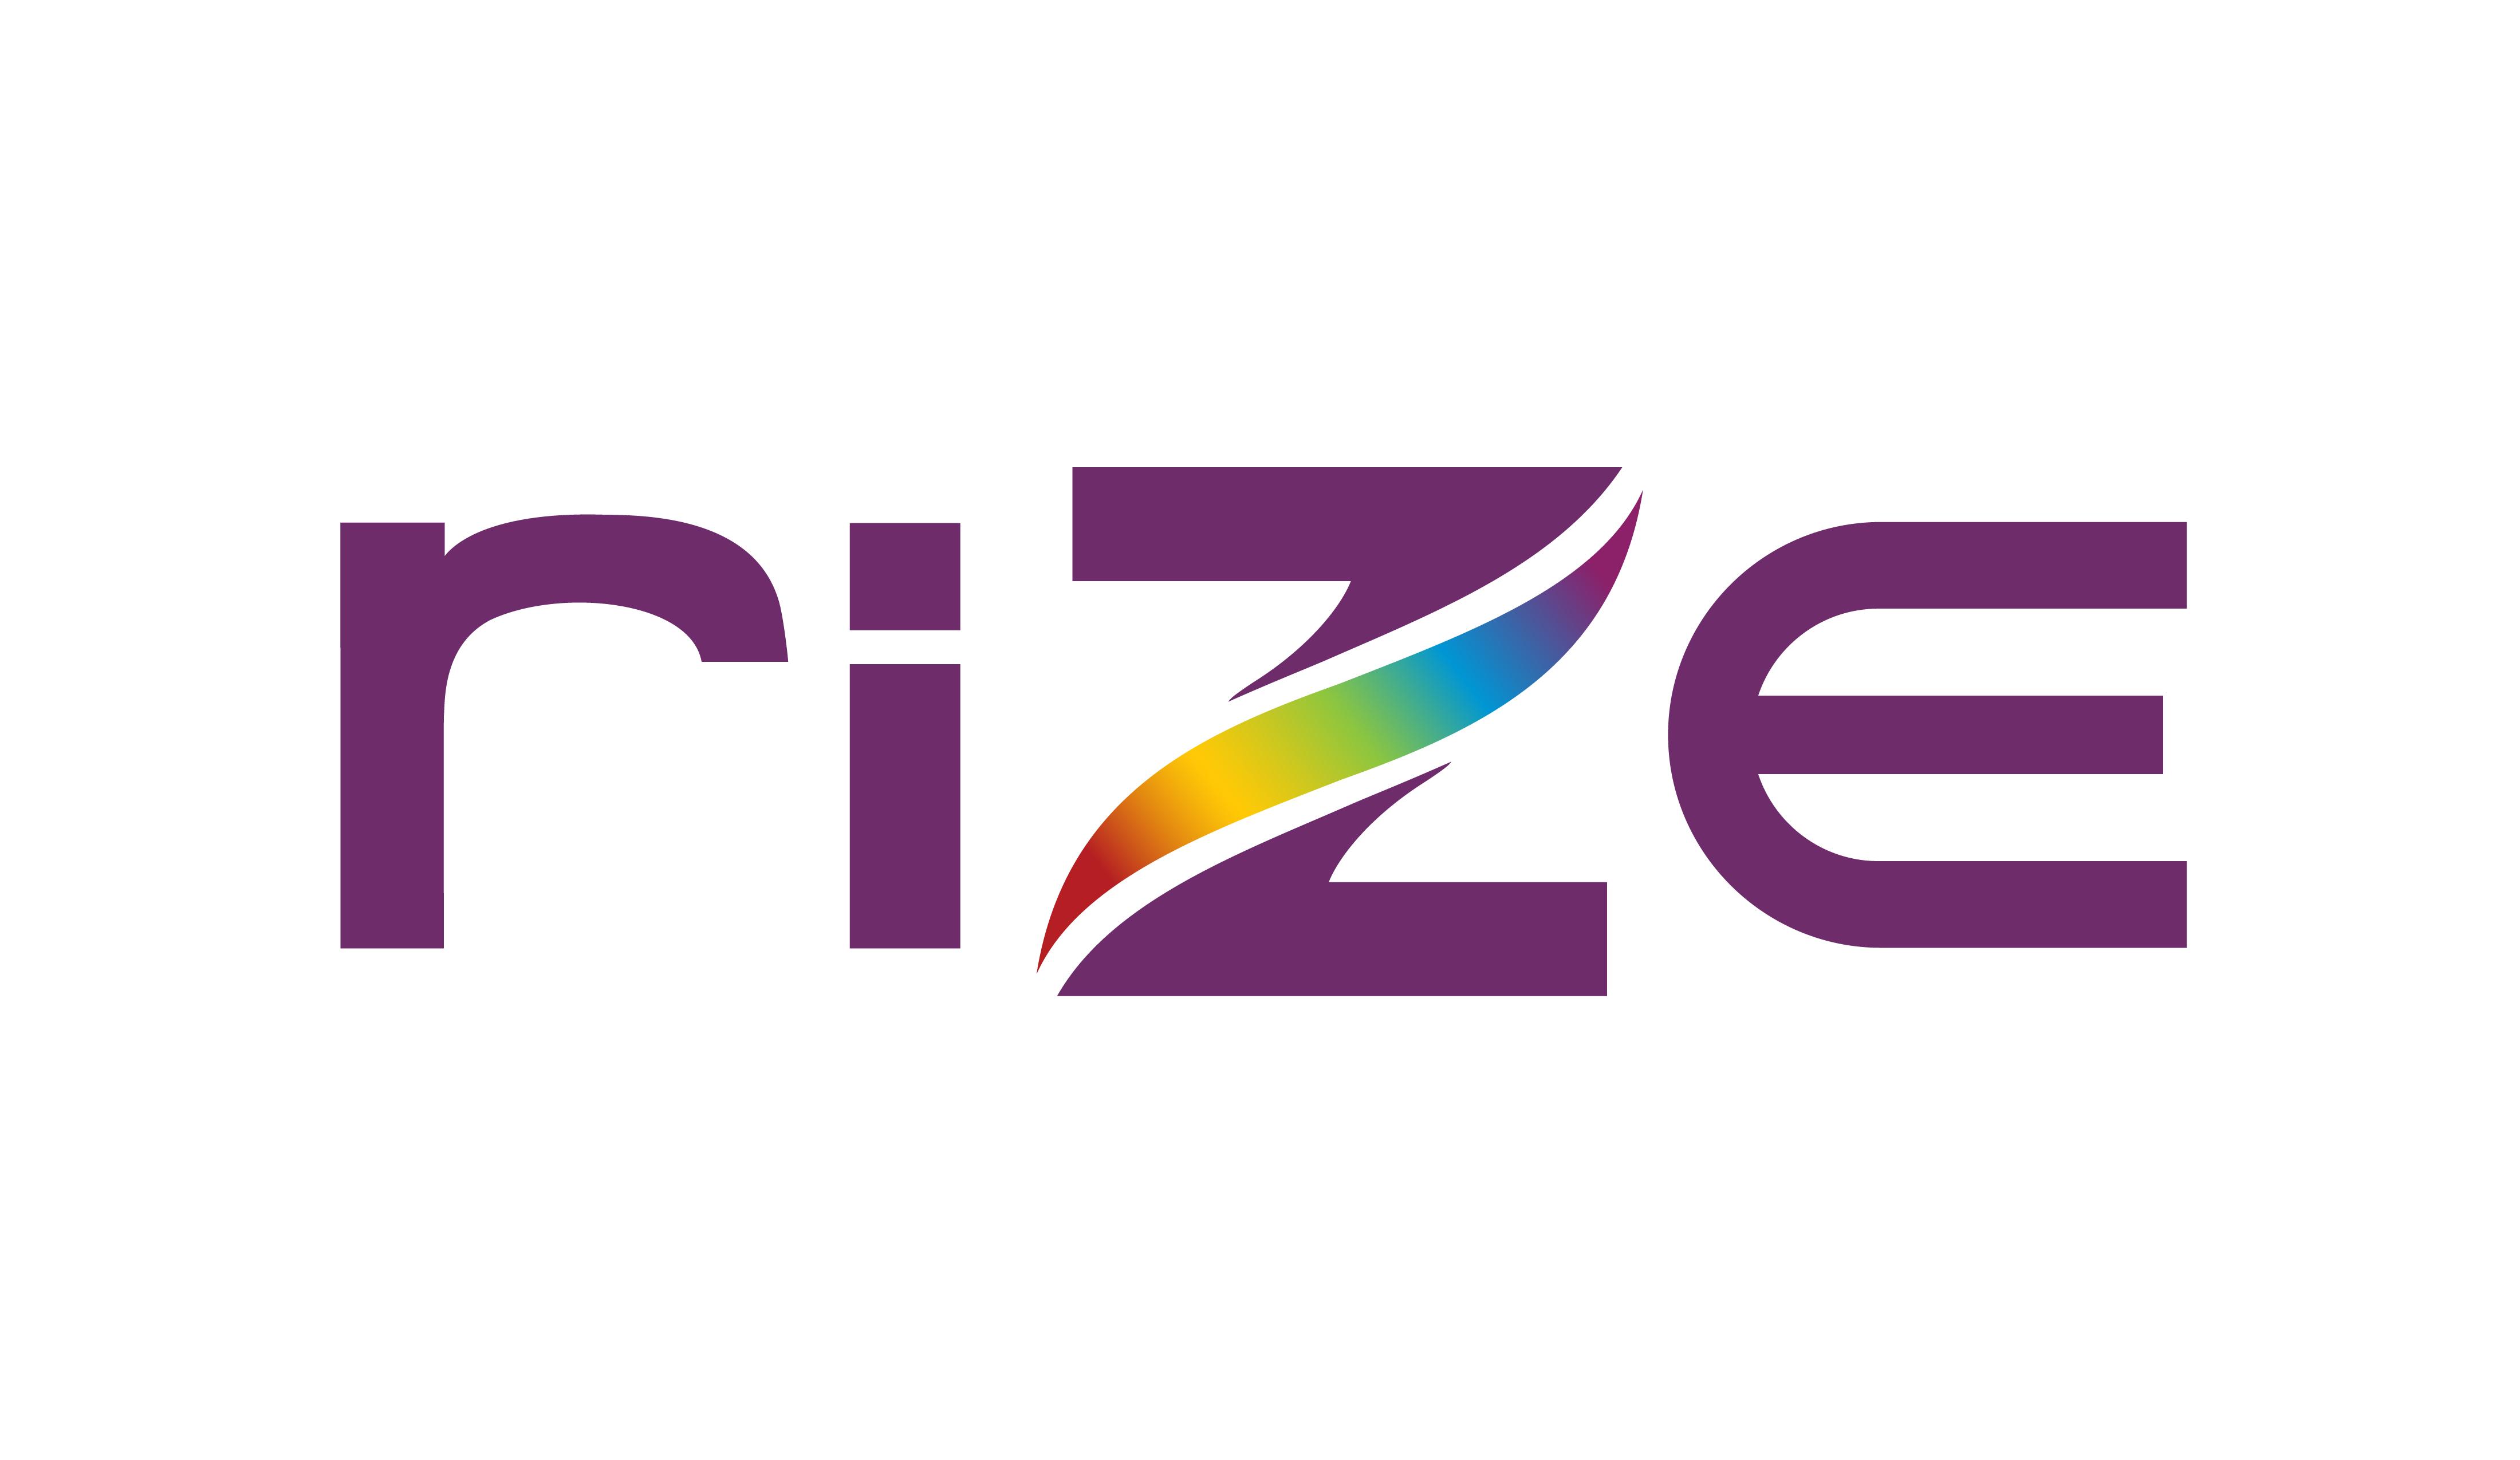 RizeLogoSpectrum RGB - In Kürze: Arcam CEO und CFO treten zurück, neuer CEO bei Rize, Shining3D Partnerschaft